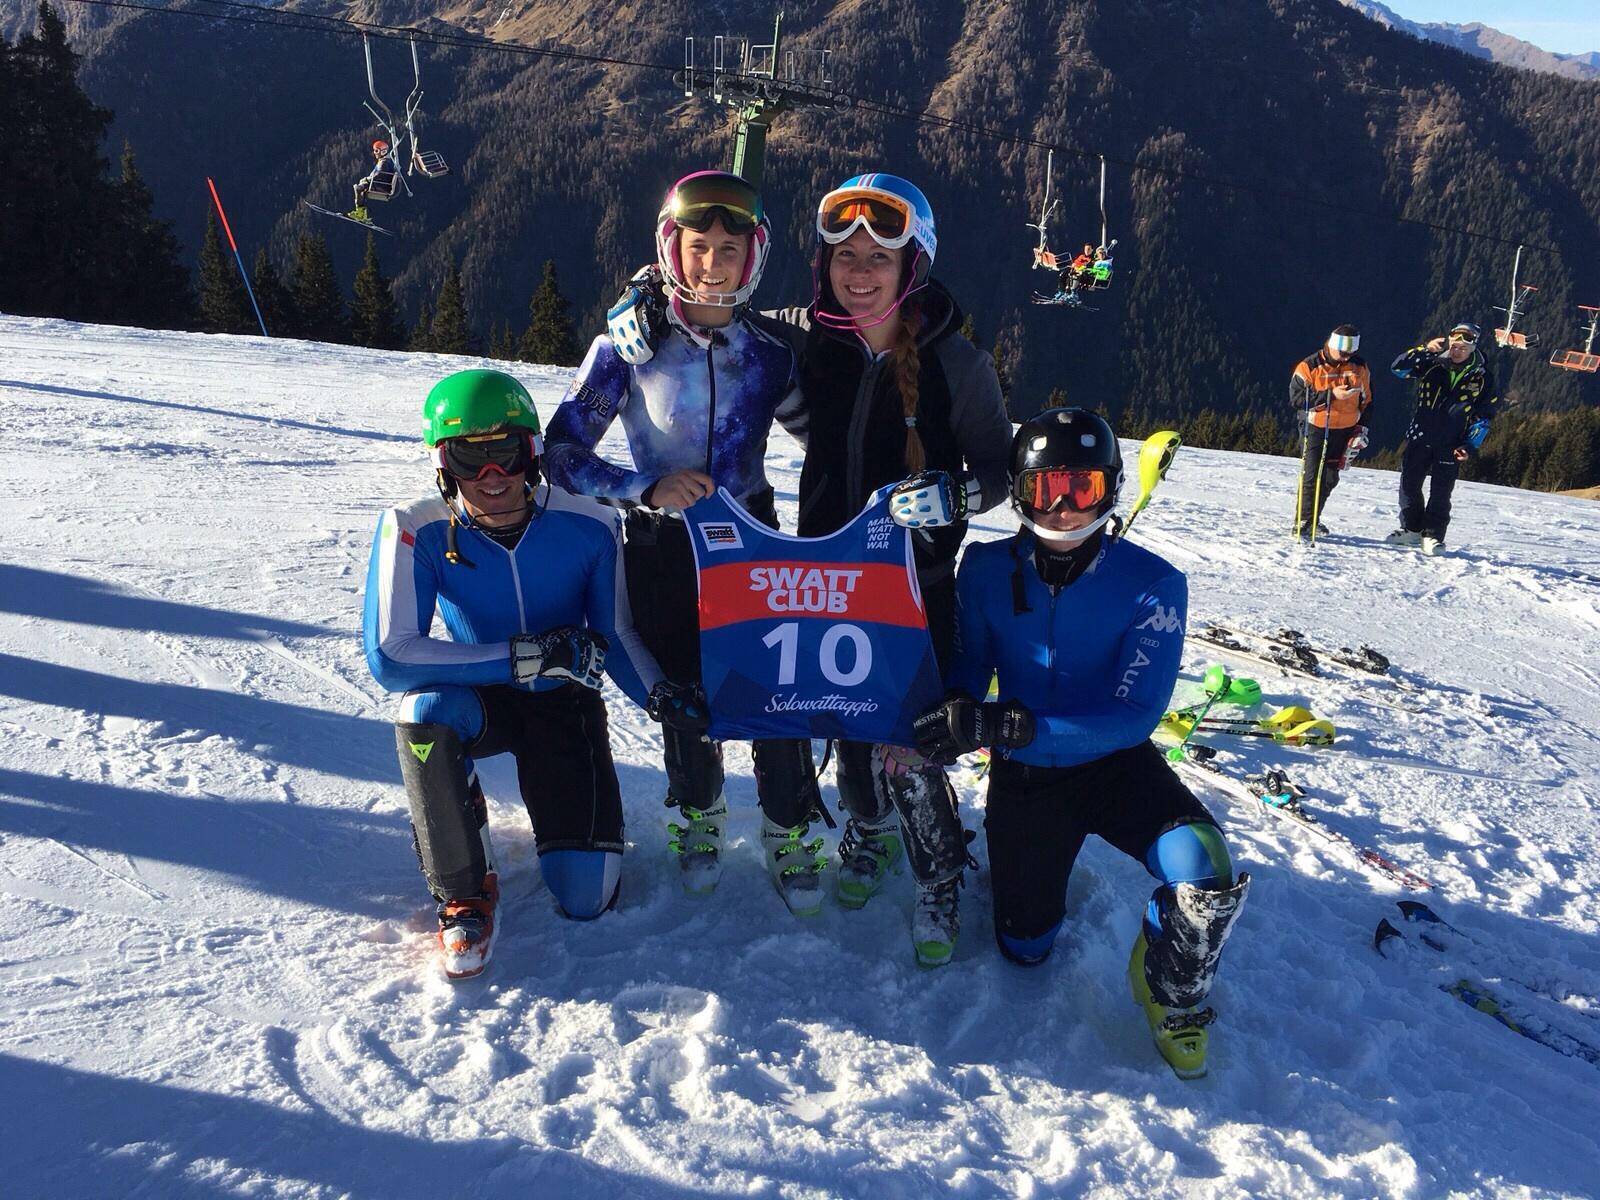 GB Ski Club